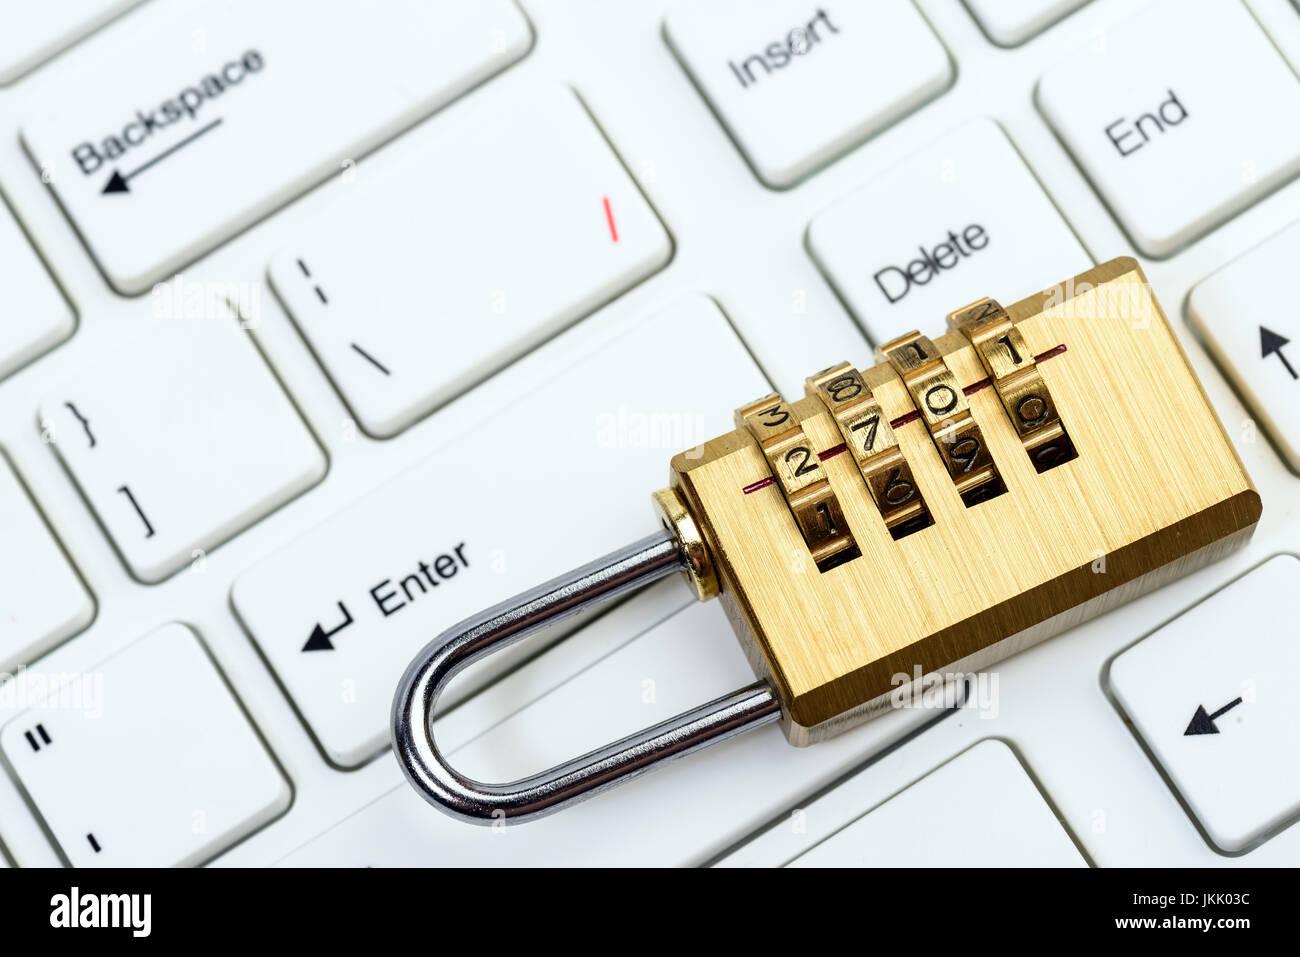 Computer- und Online-Sicherheit mit Tastatur und Vorhängeschloss Stockbild